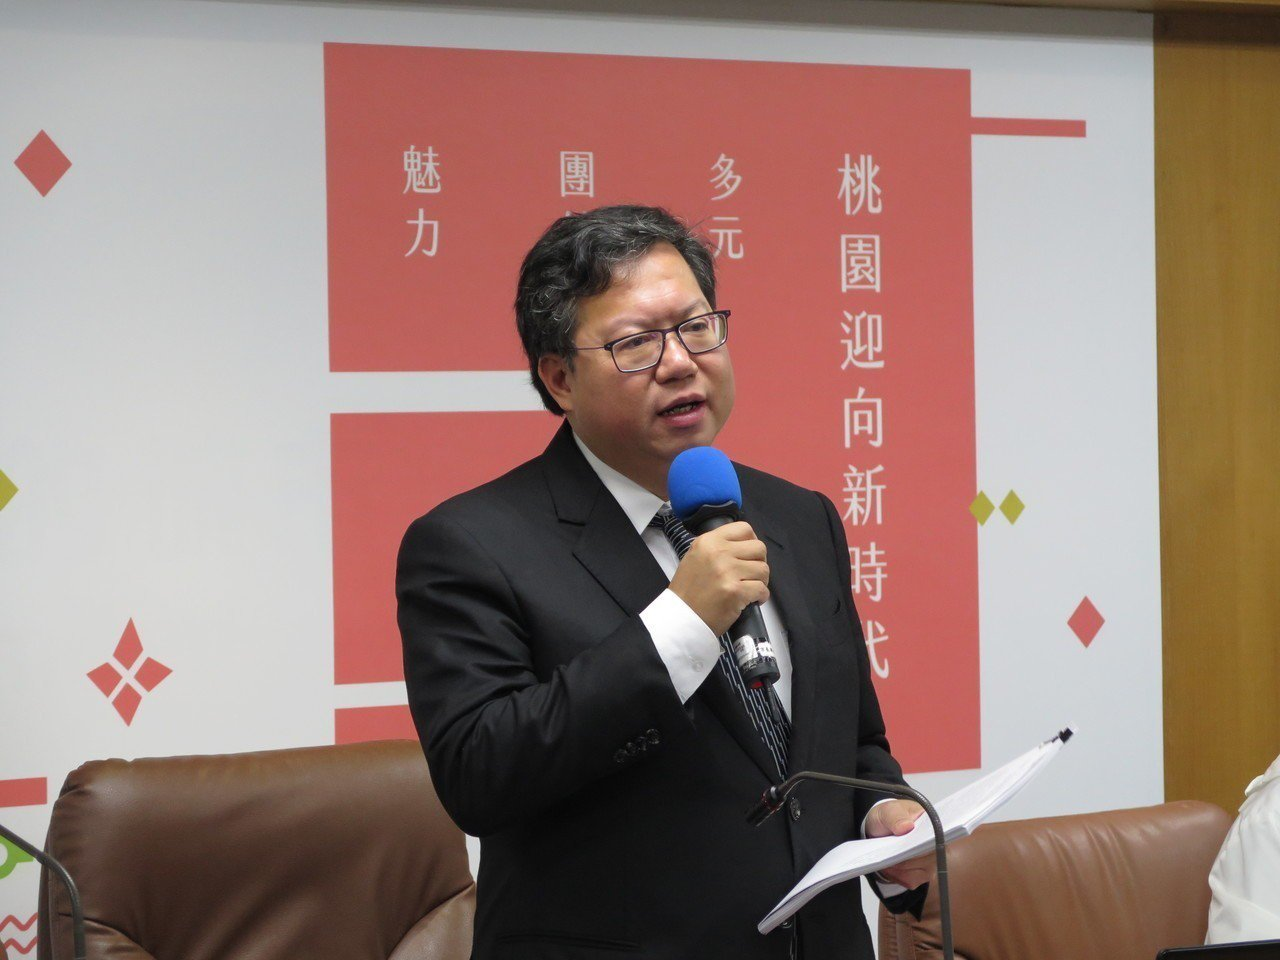 鄭文燦表示,賴清德對台灣有很深的感情及責任感。記者張裕珍/攝影